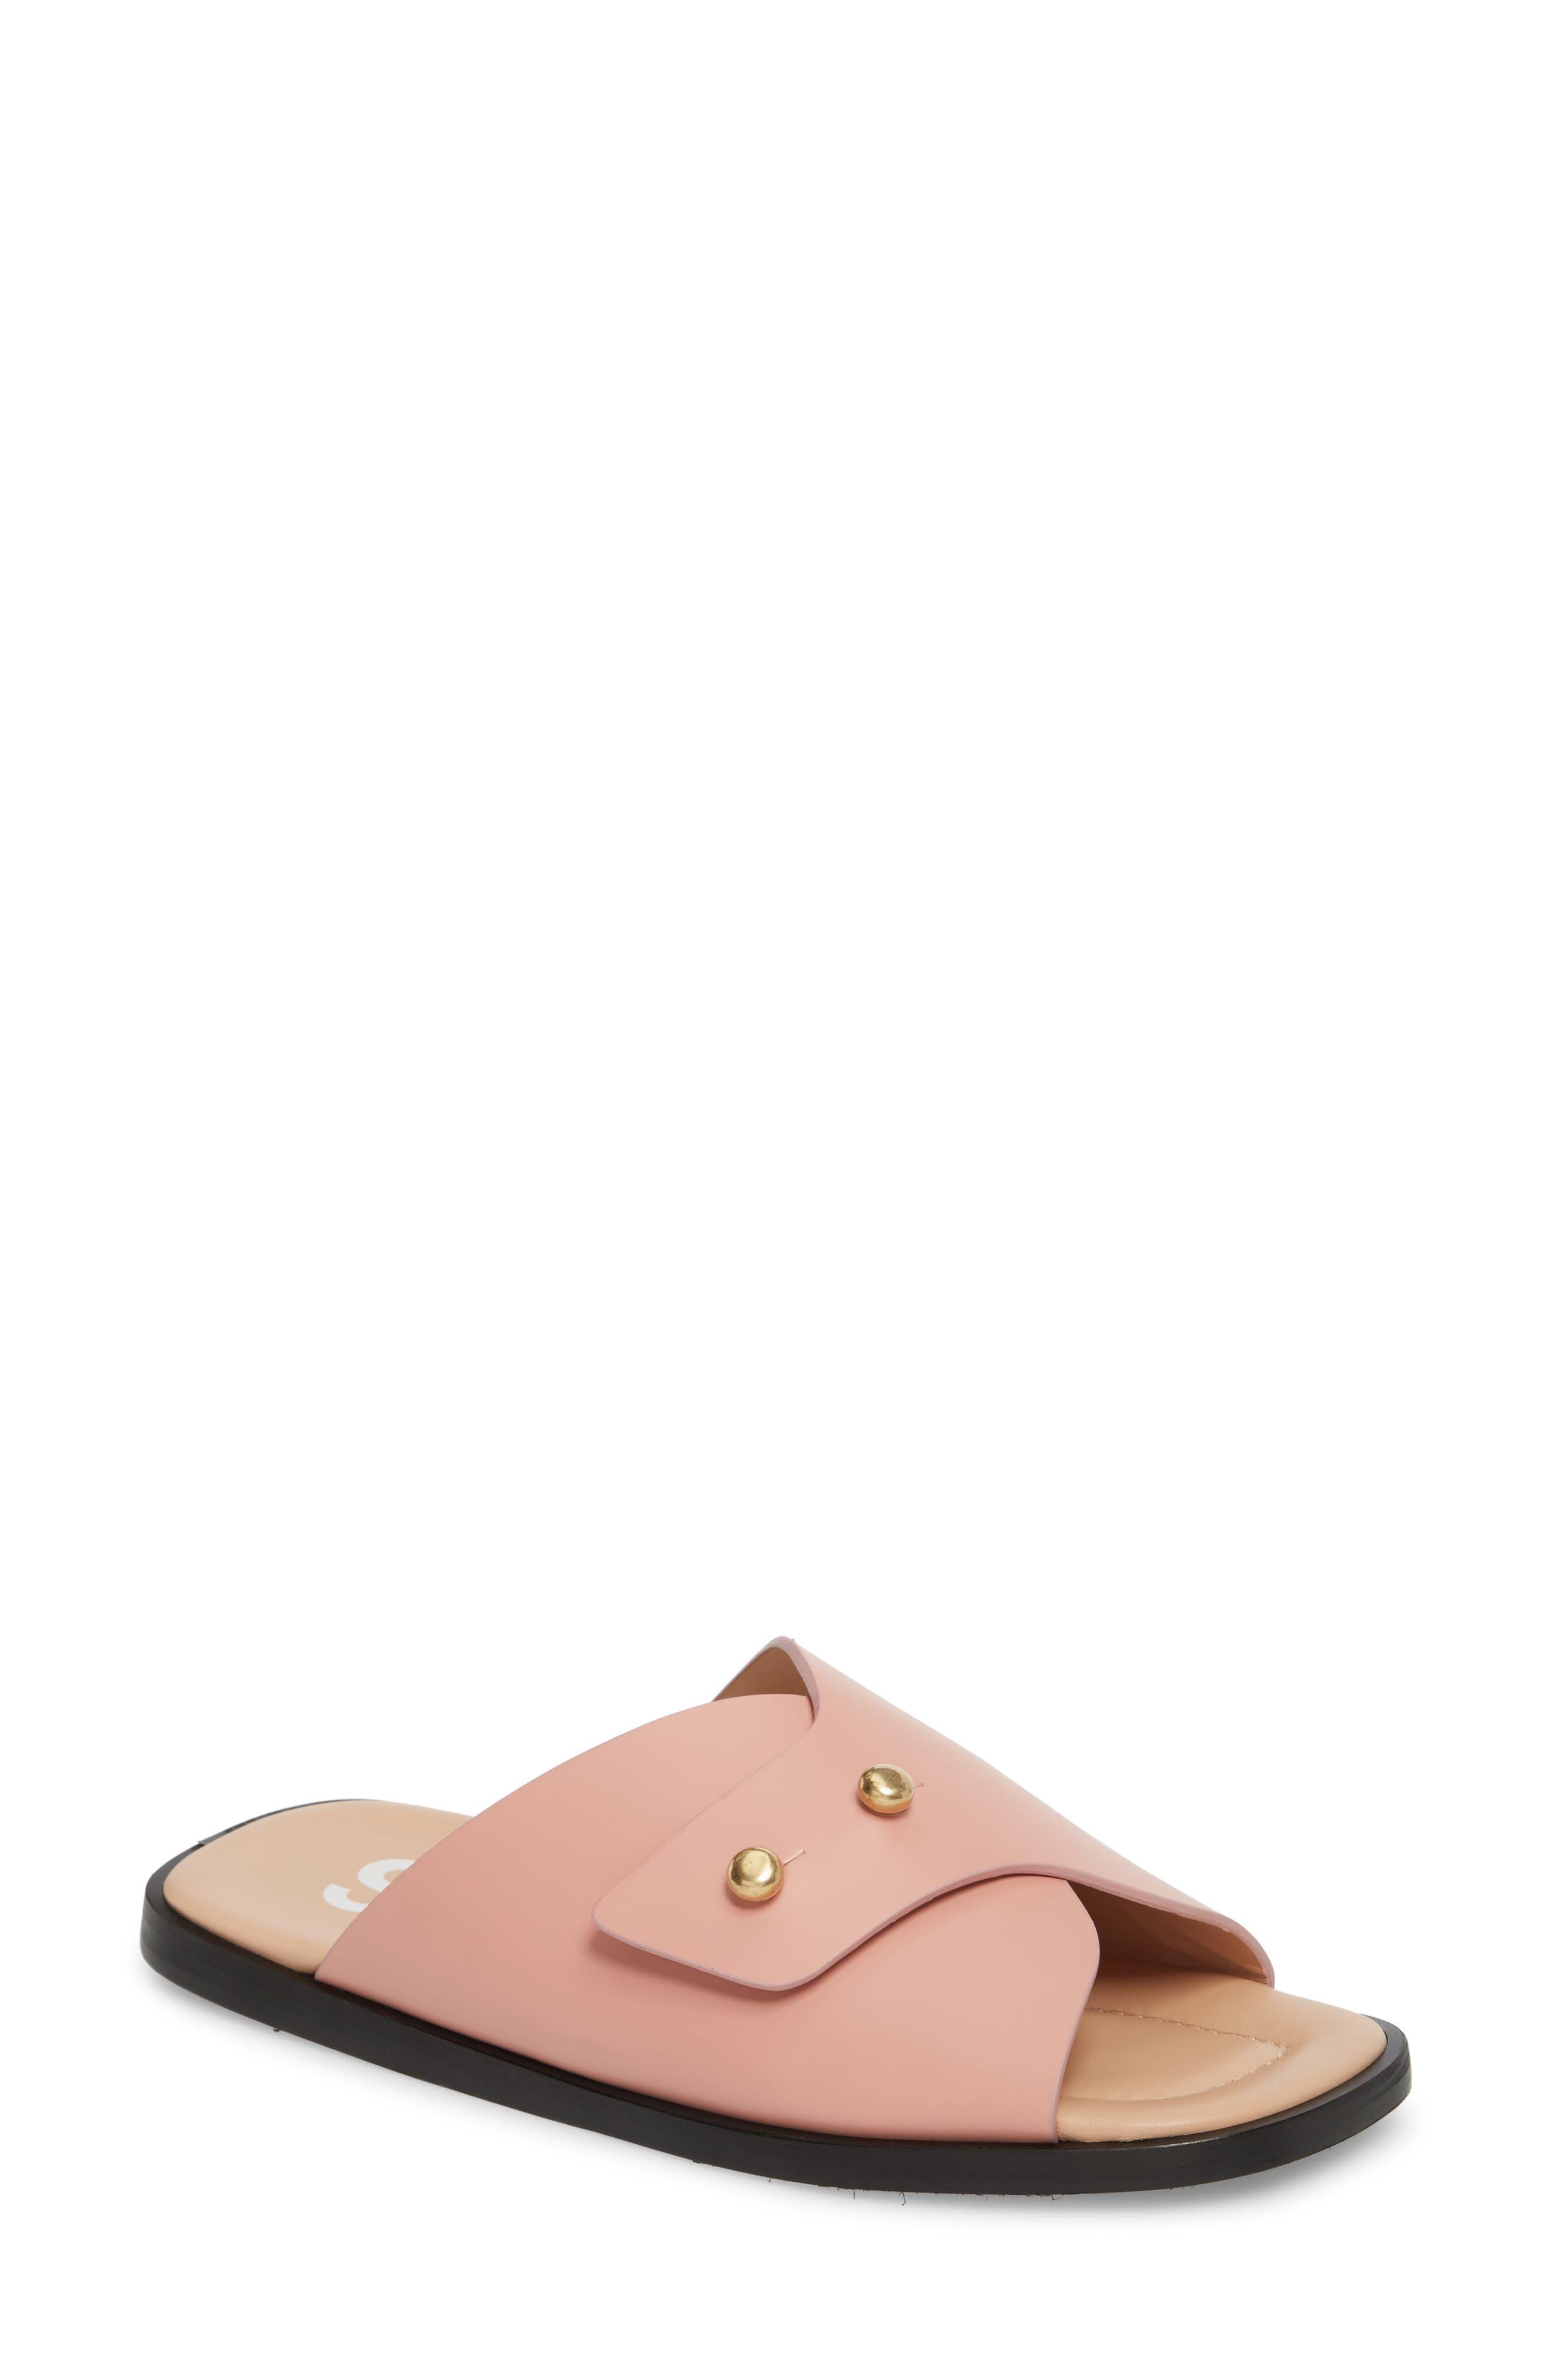 Acne Studios Jilly Studded Slide Sandal (Women)